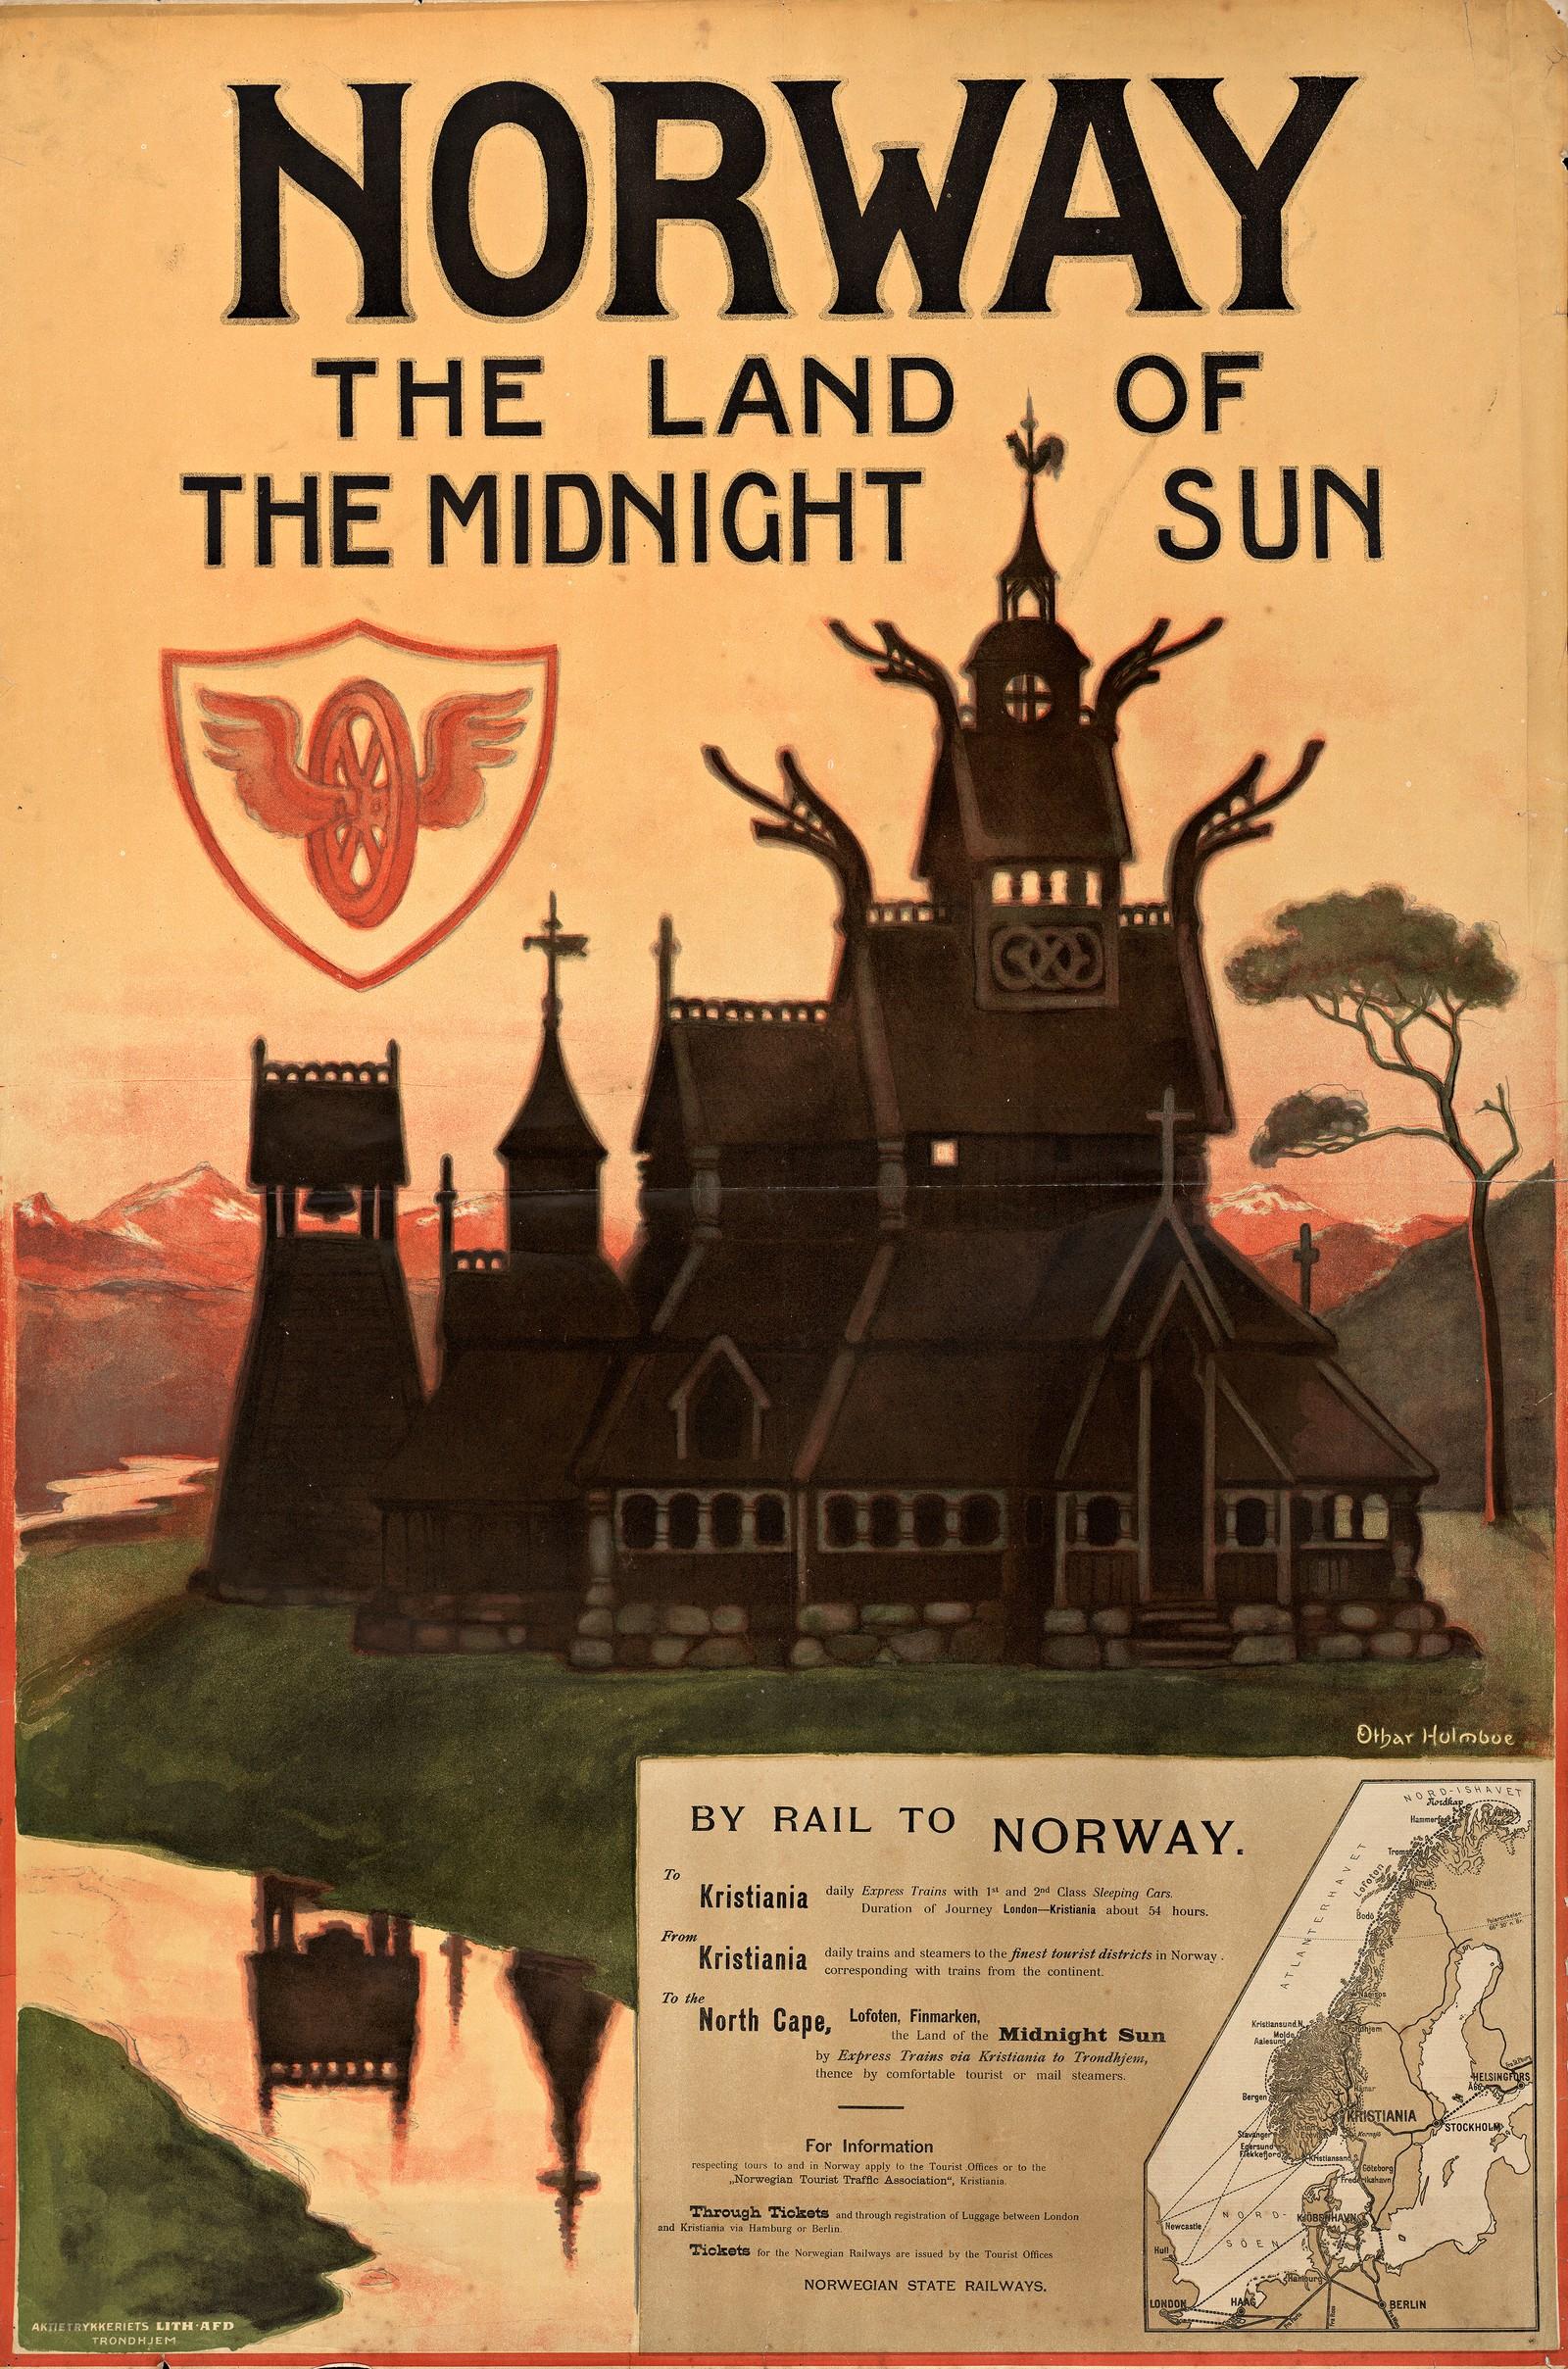 Norway – the land of the midnight sun. Turistplakat fra 1905 for NSB av Torolf Holmboe. Denne var den første norske turistplakaten som presenterte Norge som reisemål. Plakaten ble trykket på norsk, tysk og fransk.